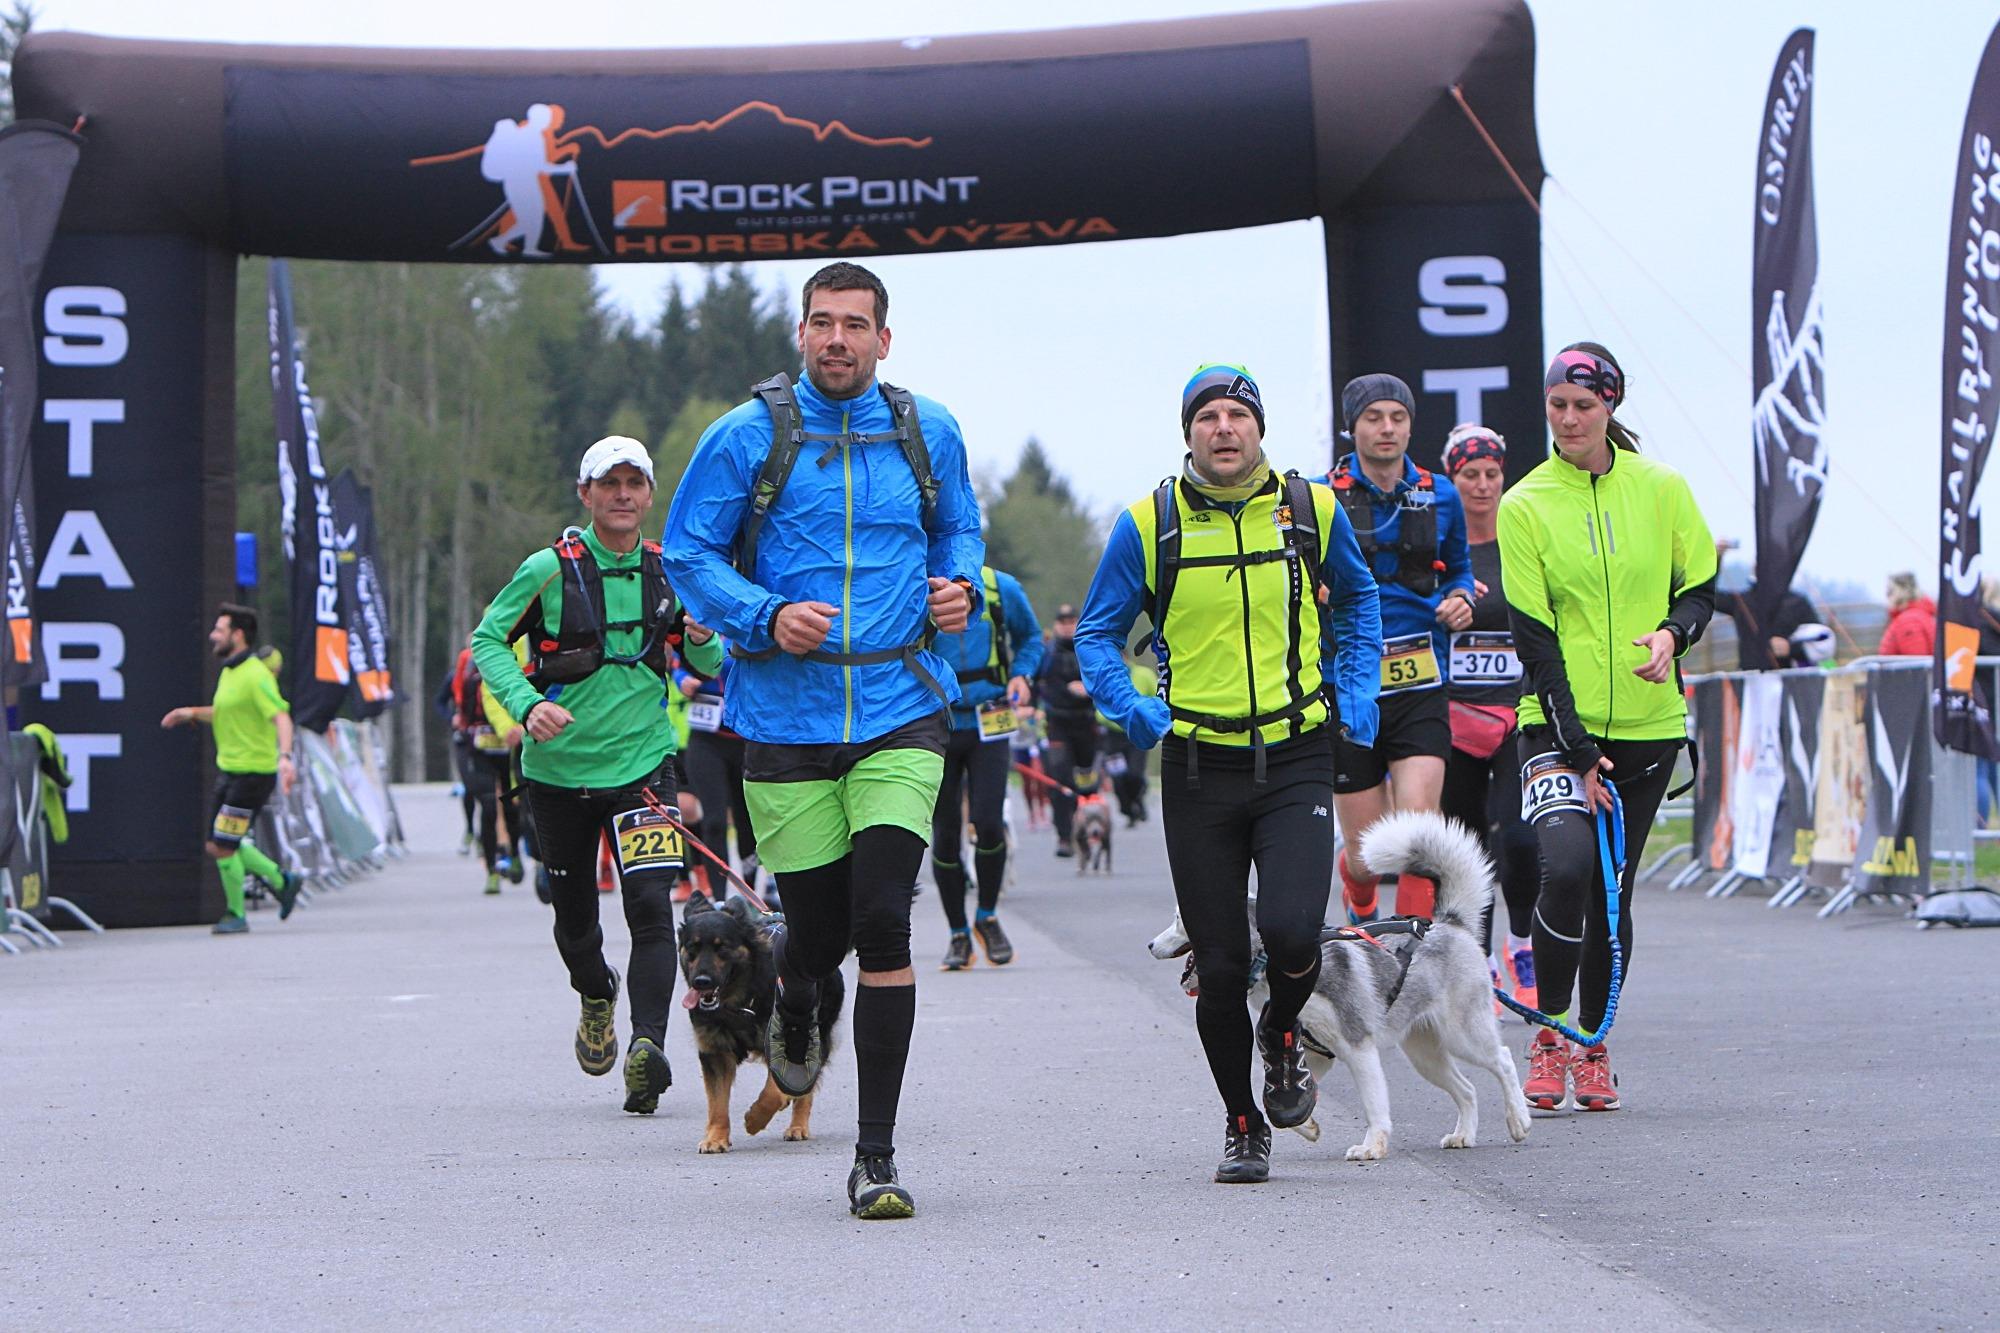 start závodu ve Vysočina aréně foto:P. Pátek PatRESS.cz